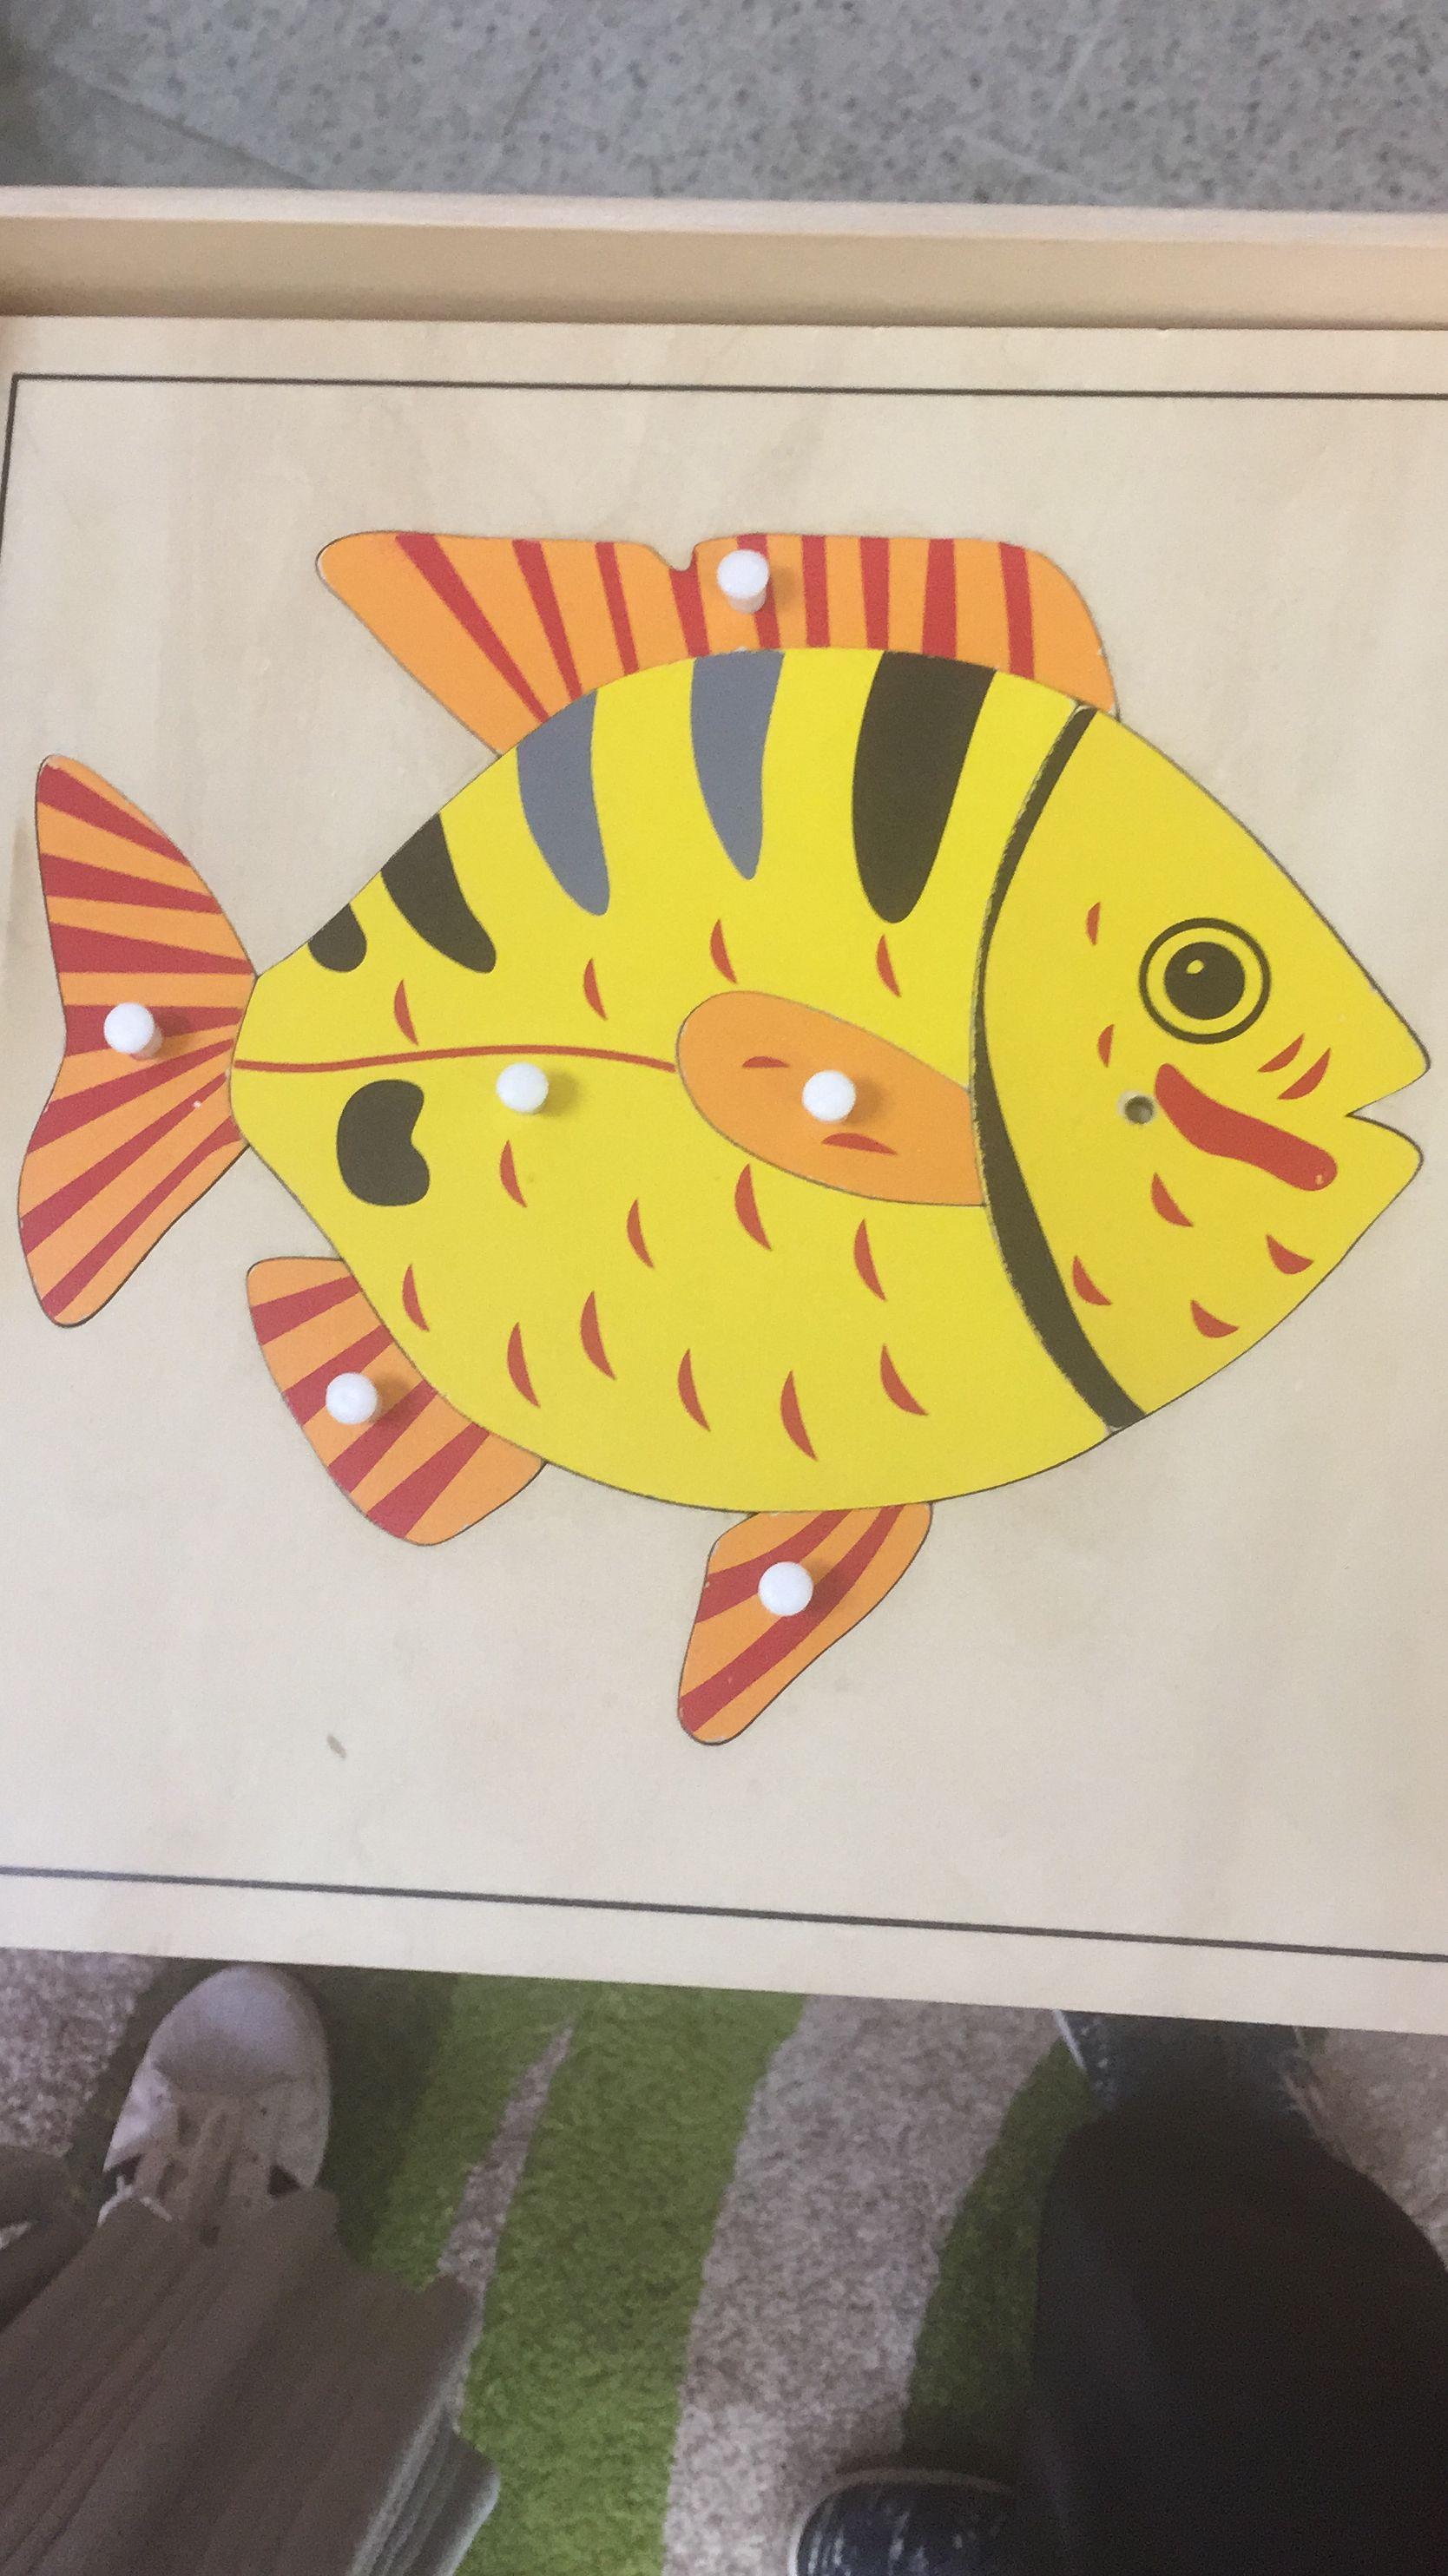 استخدمت في شرح اجزاء السمكه الرئيسيه والفرعيه الرئيسيه الرأس الجسم الذيل الفرعيه الزعانف الظهريه الزعانف الصدريه الزعانف البطنيه Classroom Montessori